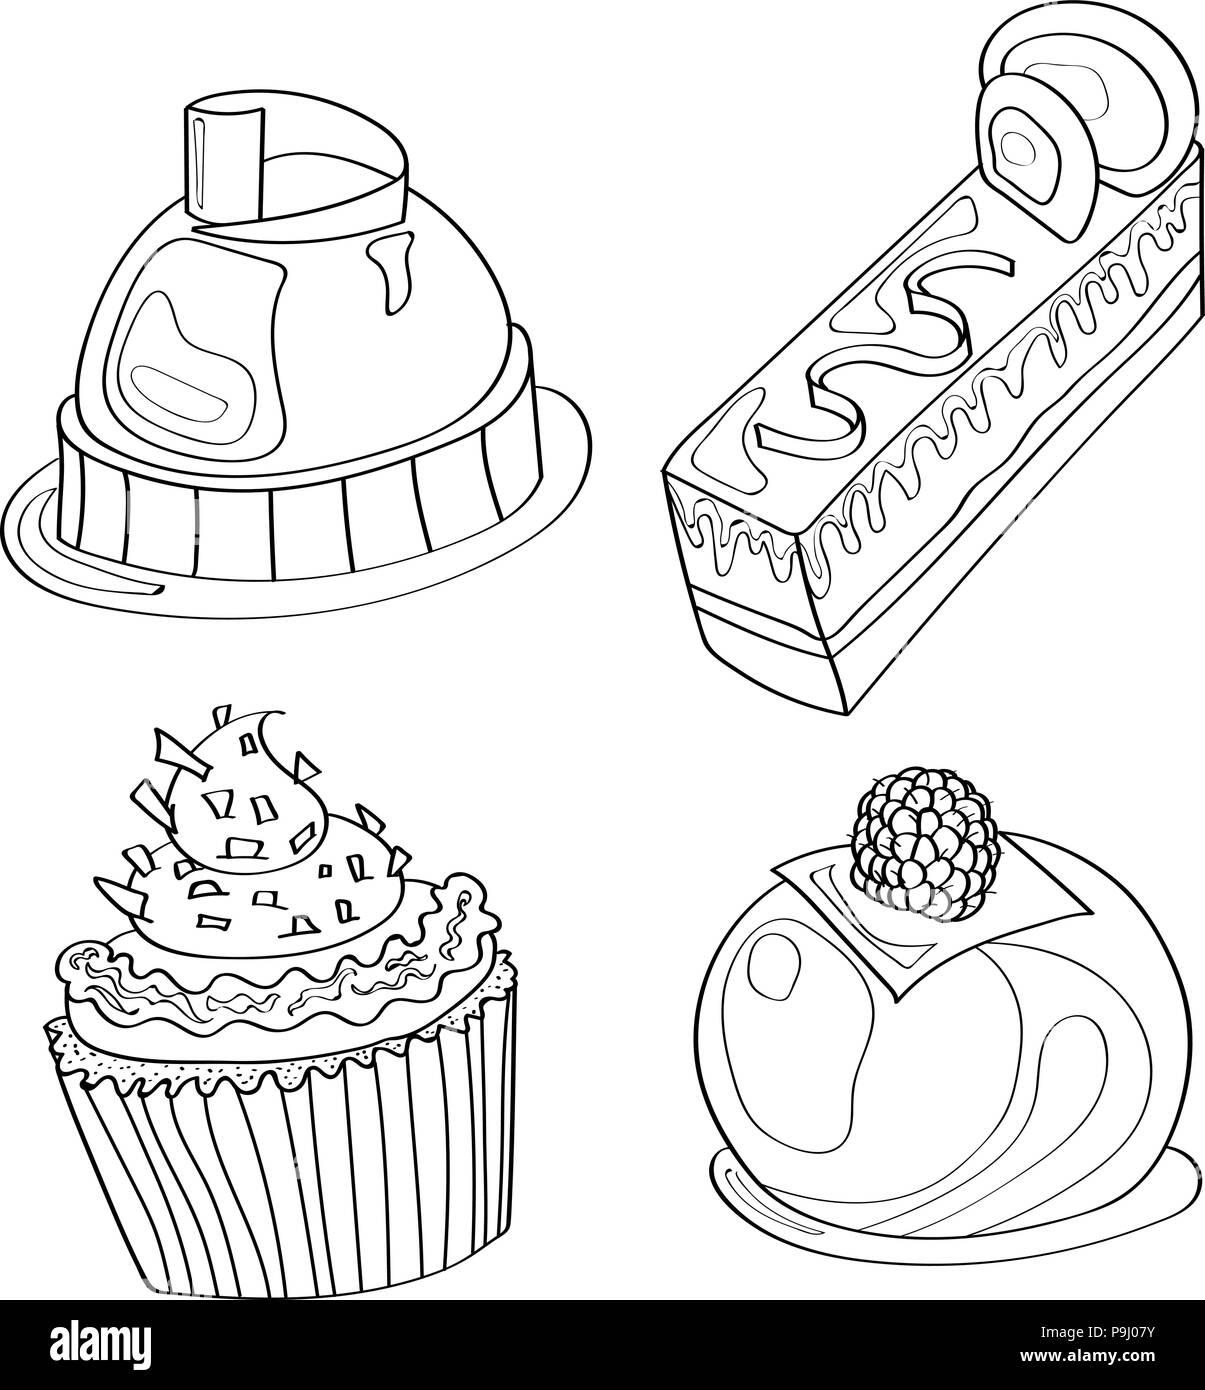 Livre De Coloriage Coloriage Gateau Sucre Boulangerie Motif Set Cafe Image Vectorielle Stock Alamy